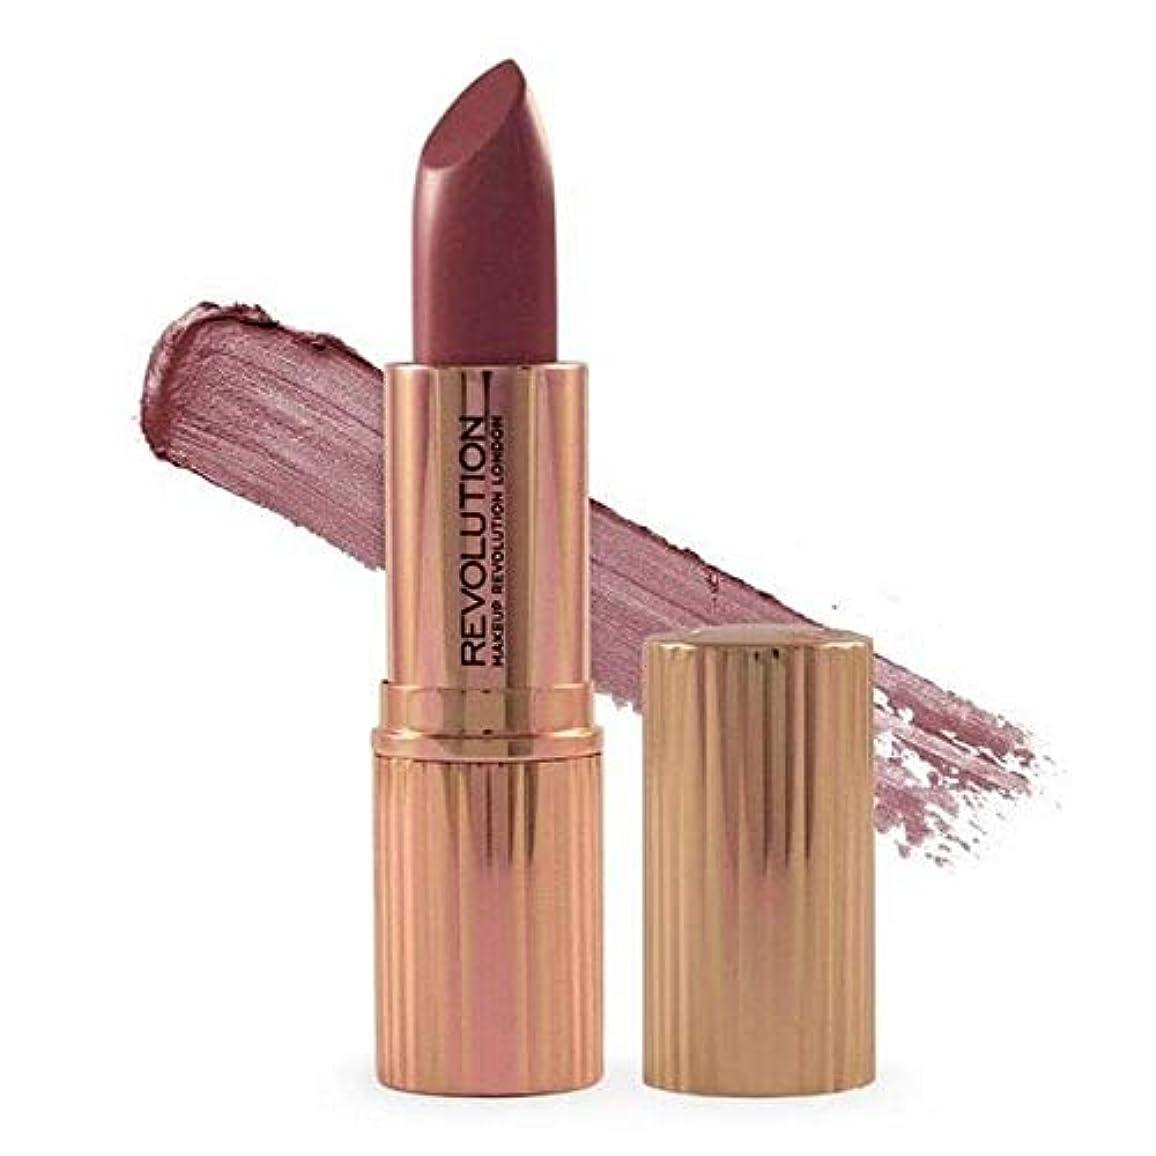 発行光中絶[Revolution ] 革命のルネサンス口紅更新 - Revolution Renaissance Lipstick Renew [並行輸入品]